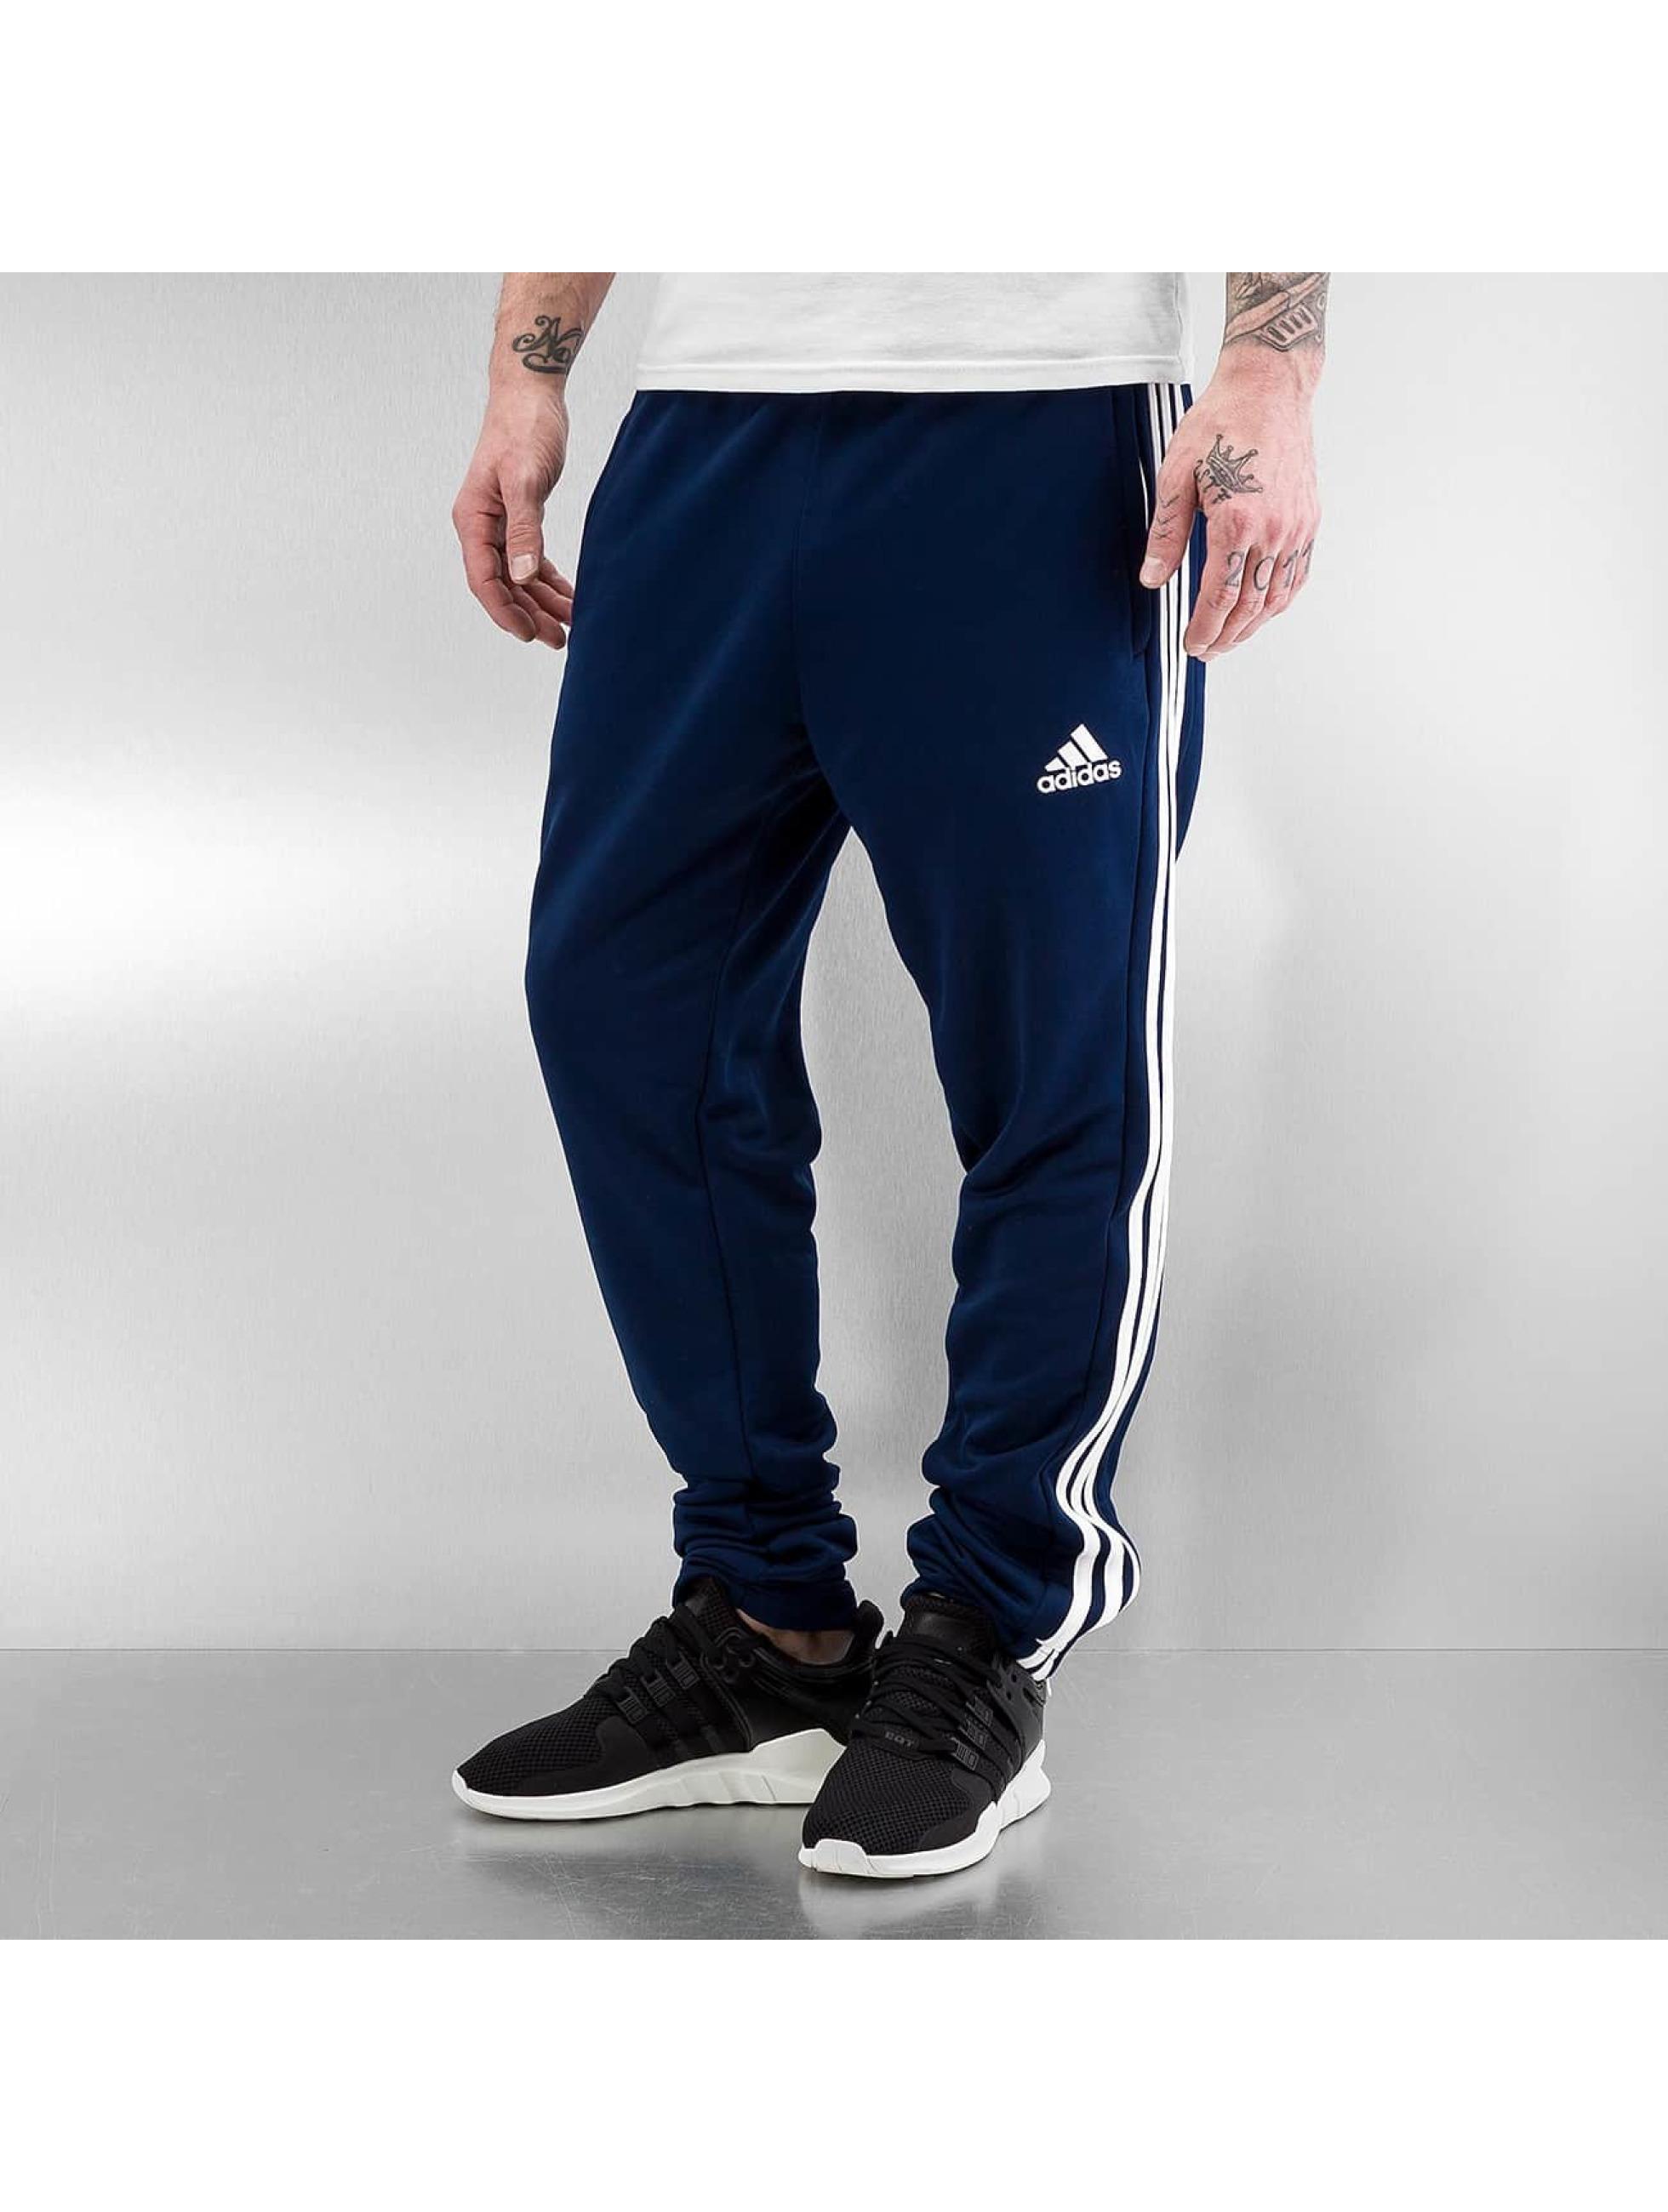 Adidas Boxing MMA Pantalon / Jogging Boxing MMA T16 en bleu